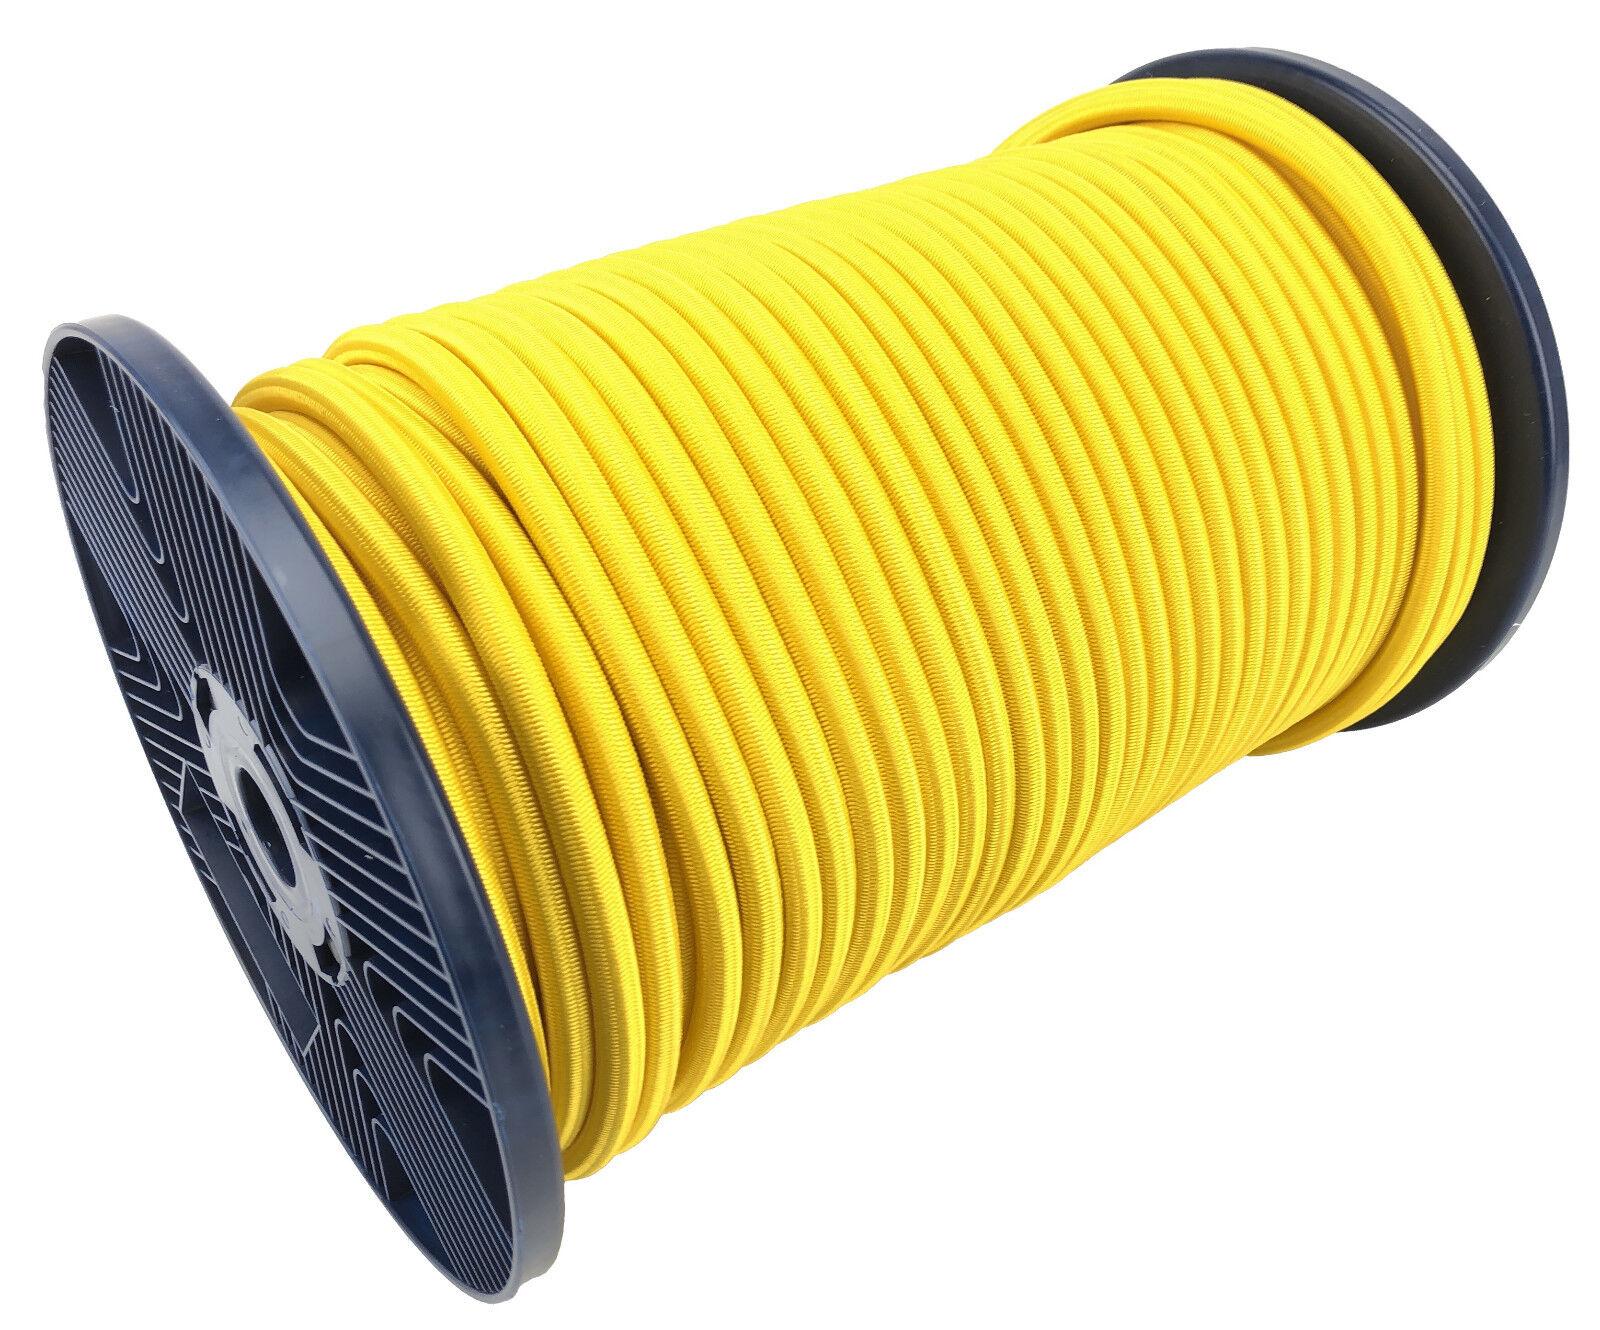 12 mm gelb elastisches Gummi seil. festbinden Gummiseil festbinden seil. x 50 Metre Rolle 2afcb5